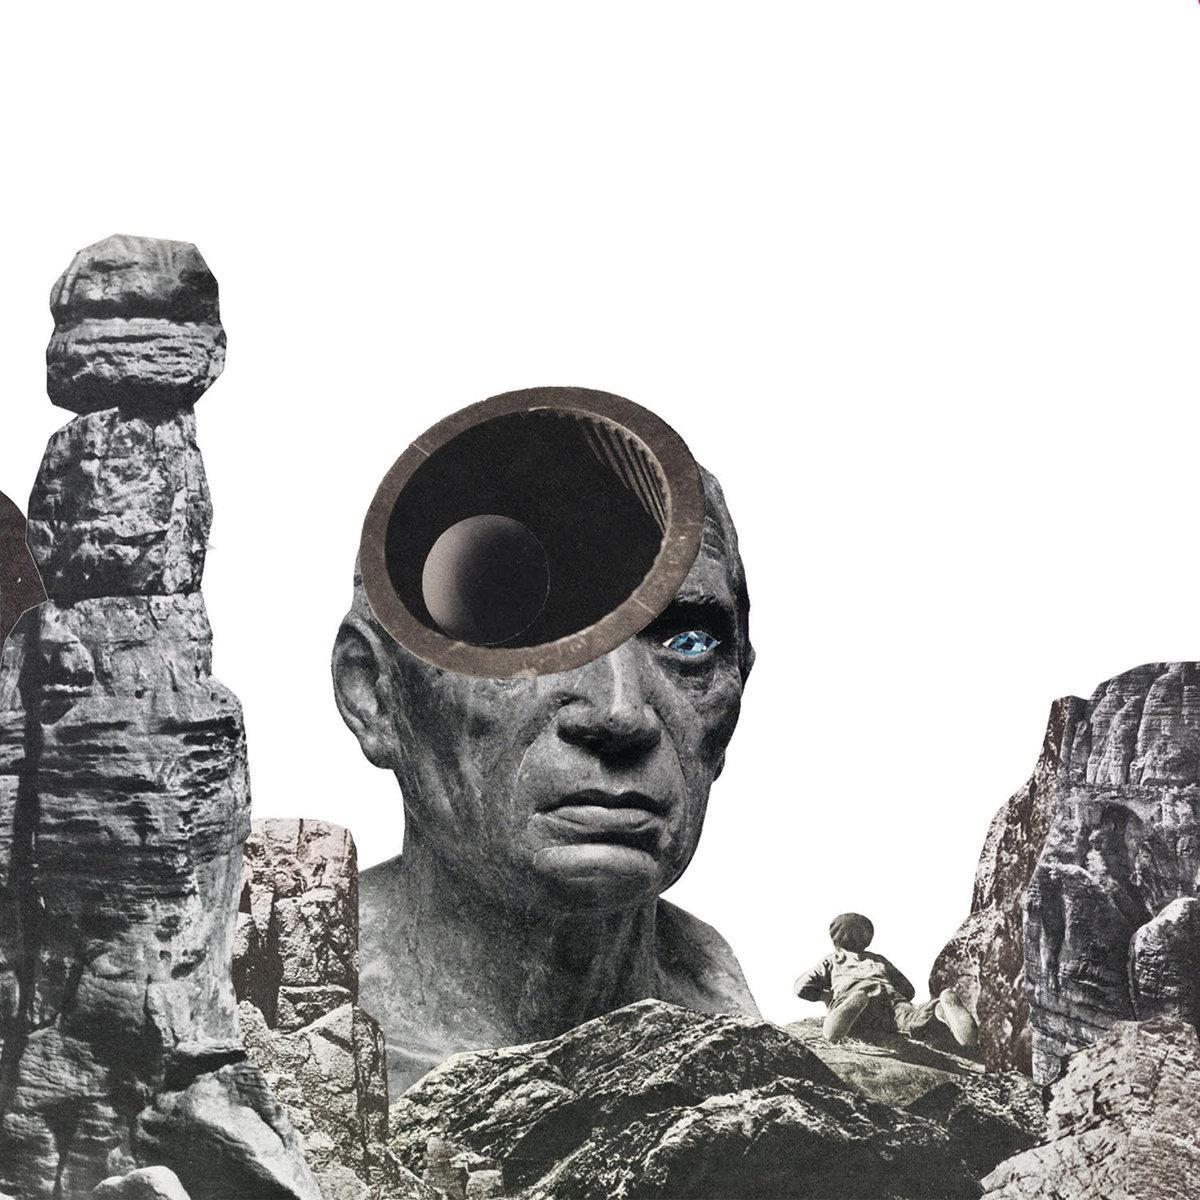 Kikagaku Moyo - Stone Garden [LP]